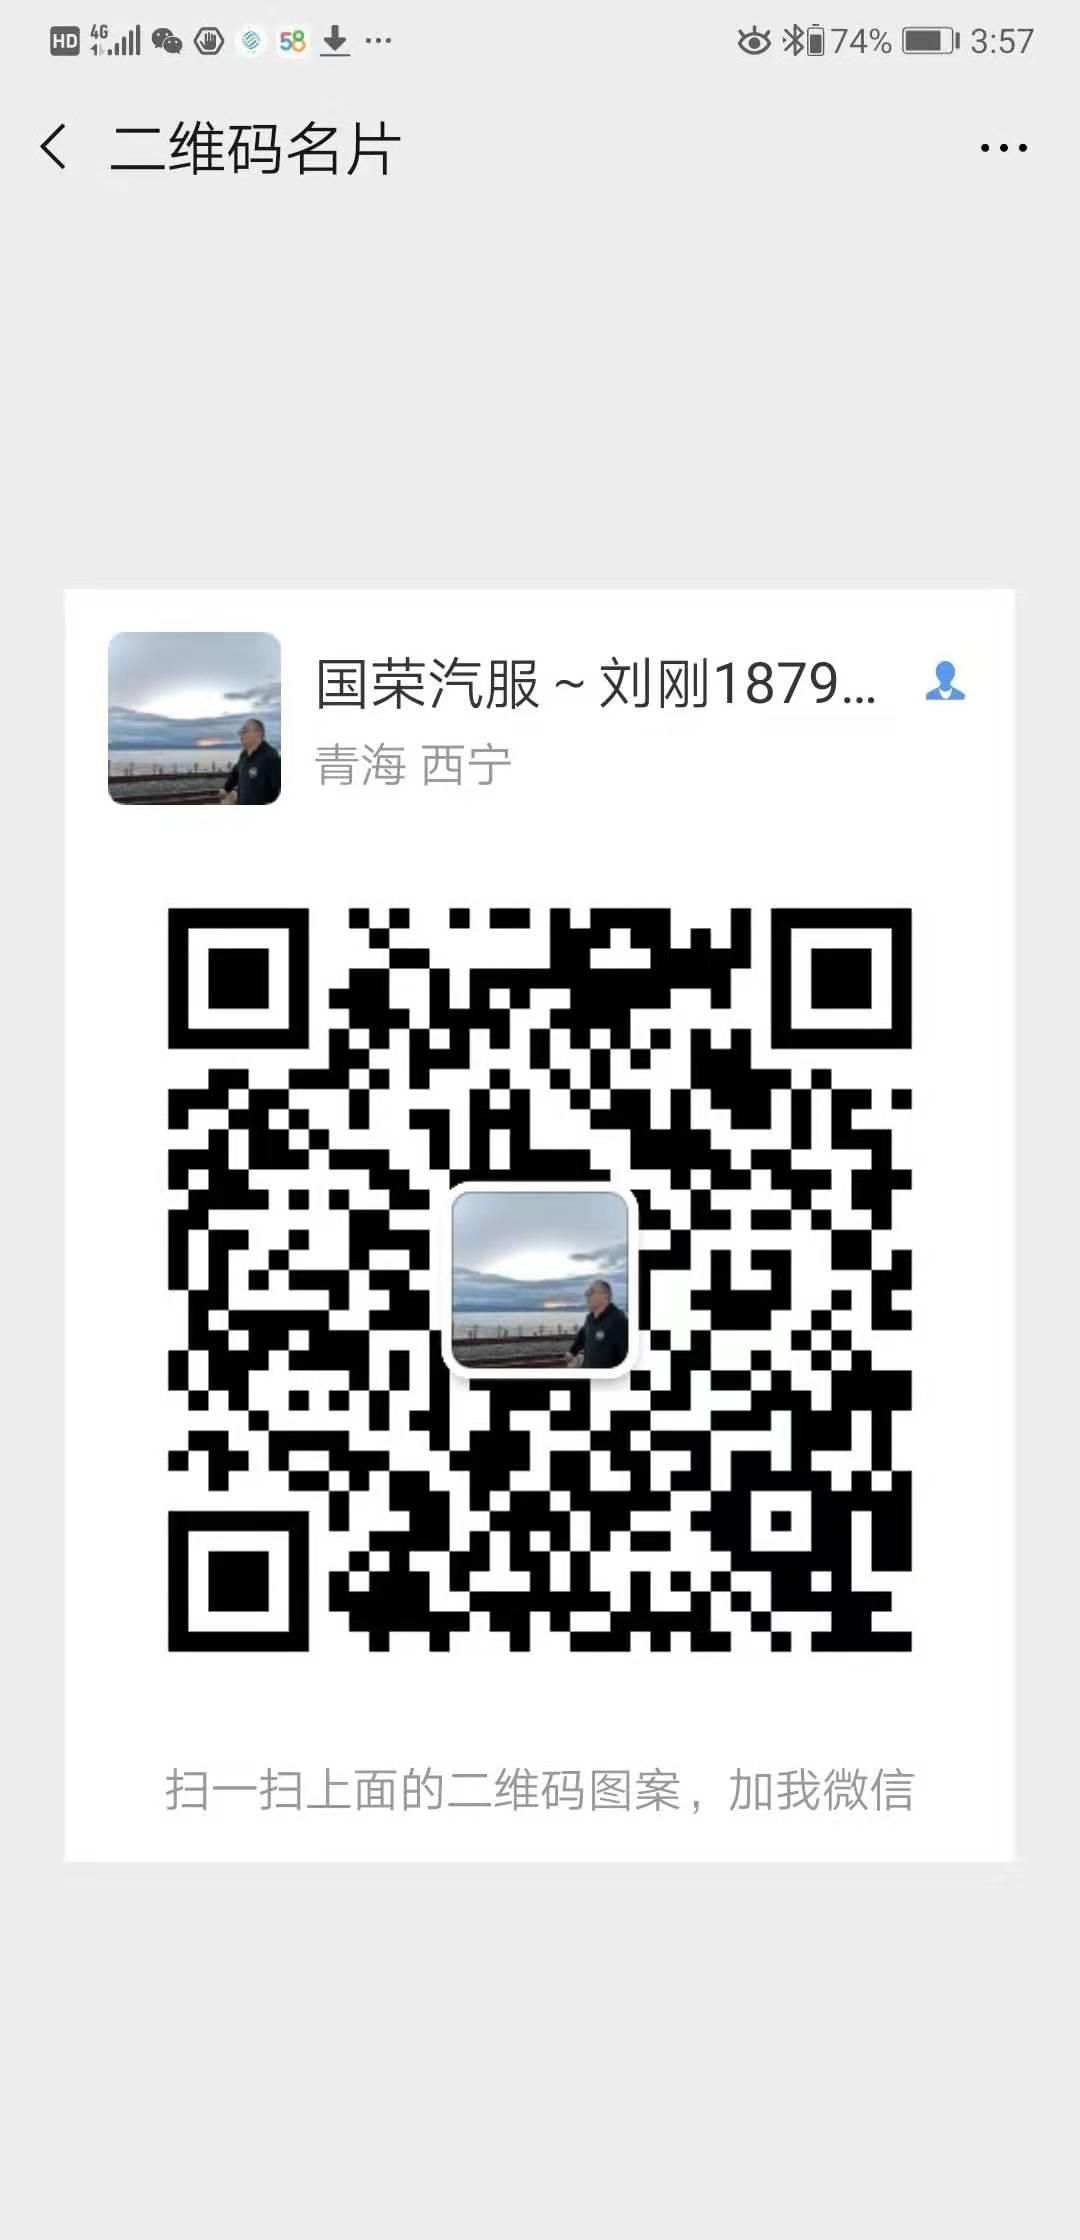 海东润青国际旅行社有限公司